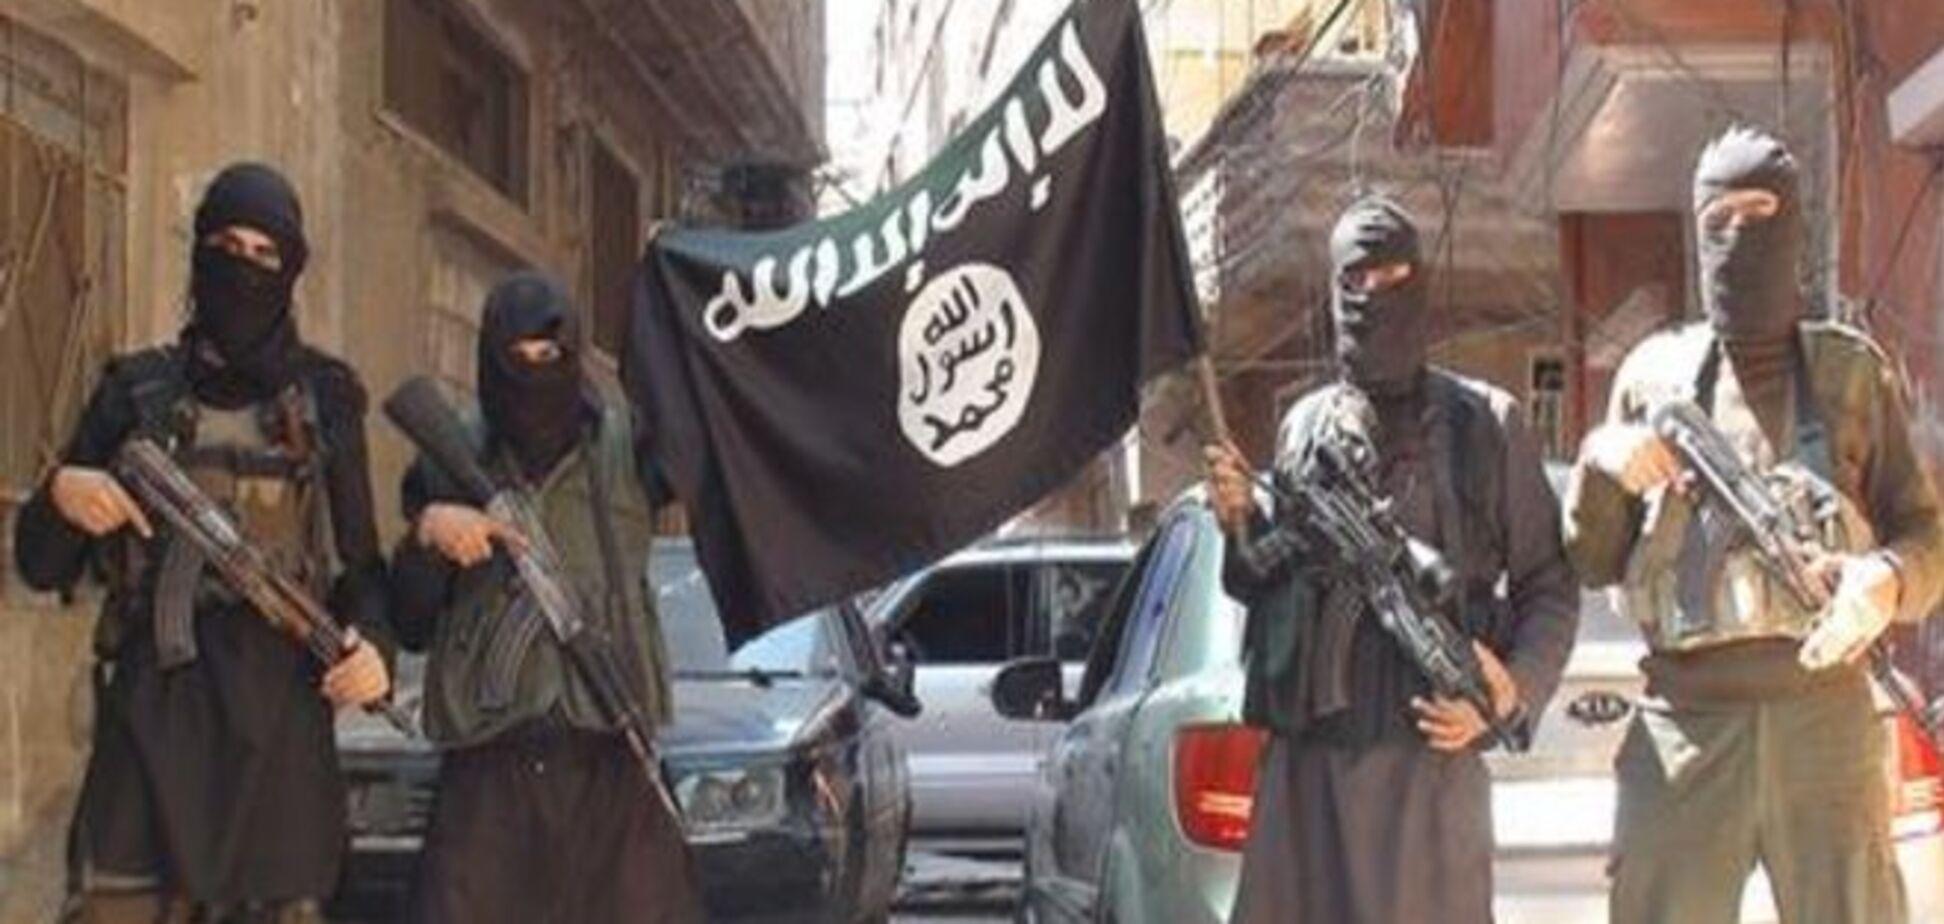 Австрійського підлітка засудили за участь в 'Ісламській державі'